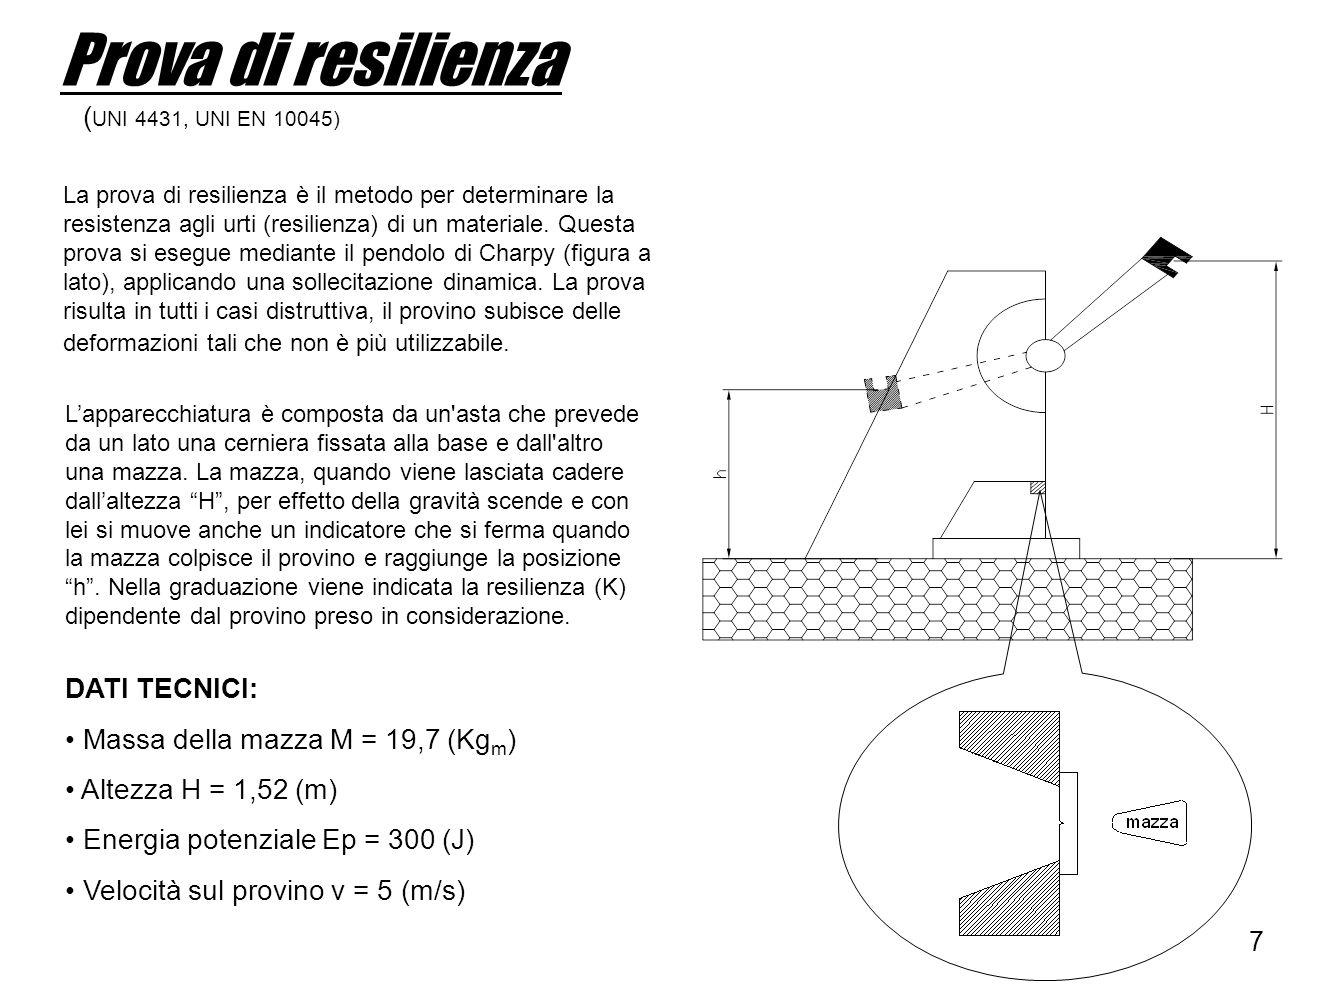 8 Provini (UNI 4431 e 4713) Provino a VProvino a U Dimensioni 55 x 10 x 10 (mm) Profondità intaglio 2 (mm) 5 (mm) Larghezza intaglio // (r = 0,25 mm) 2 (mm) (r = 1 mm) Angolo intaglio 45° // Sezione resistente 80 (mm 2 ) (0,8 cm 2 ) 50 (mm 2 ) (0,5 cm 2 ) Utilizzando il provino con intaglio a V la resilienza (K) sarà diversa dalla resilienza misurata sul provino a U, questo è dovuto dalla differenza di sezione resistente.